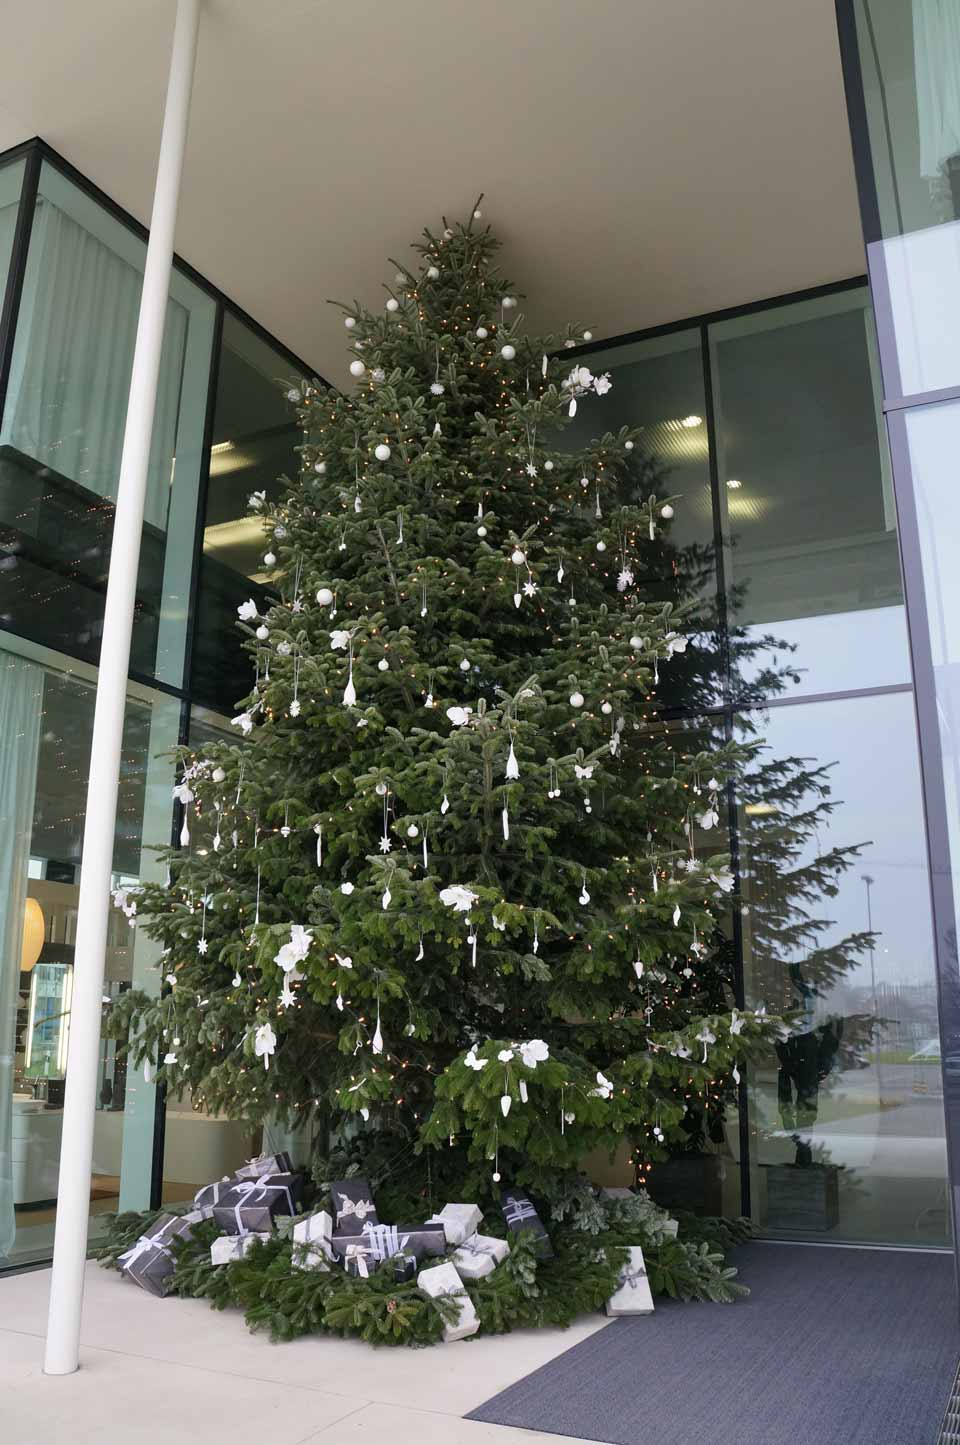 14 Styling-talsee-Weihnachtsbaum-2015